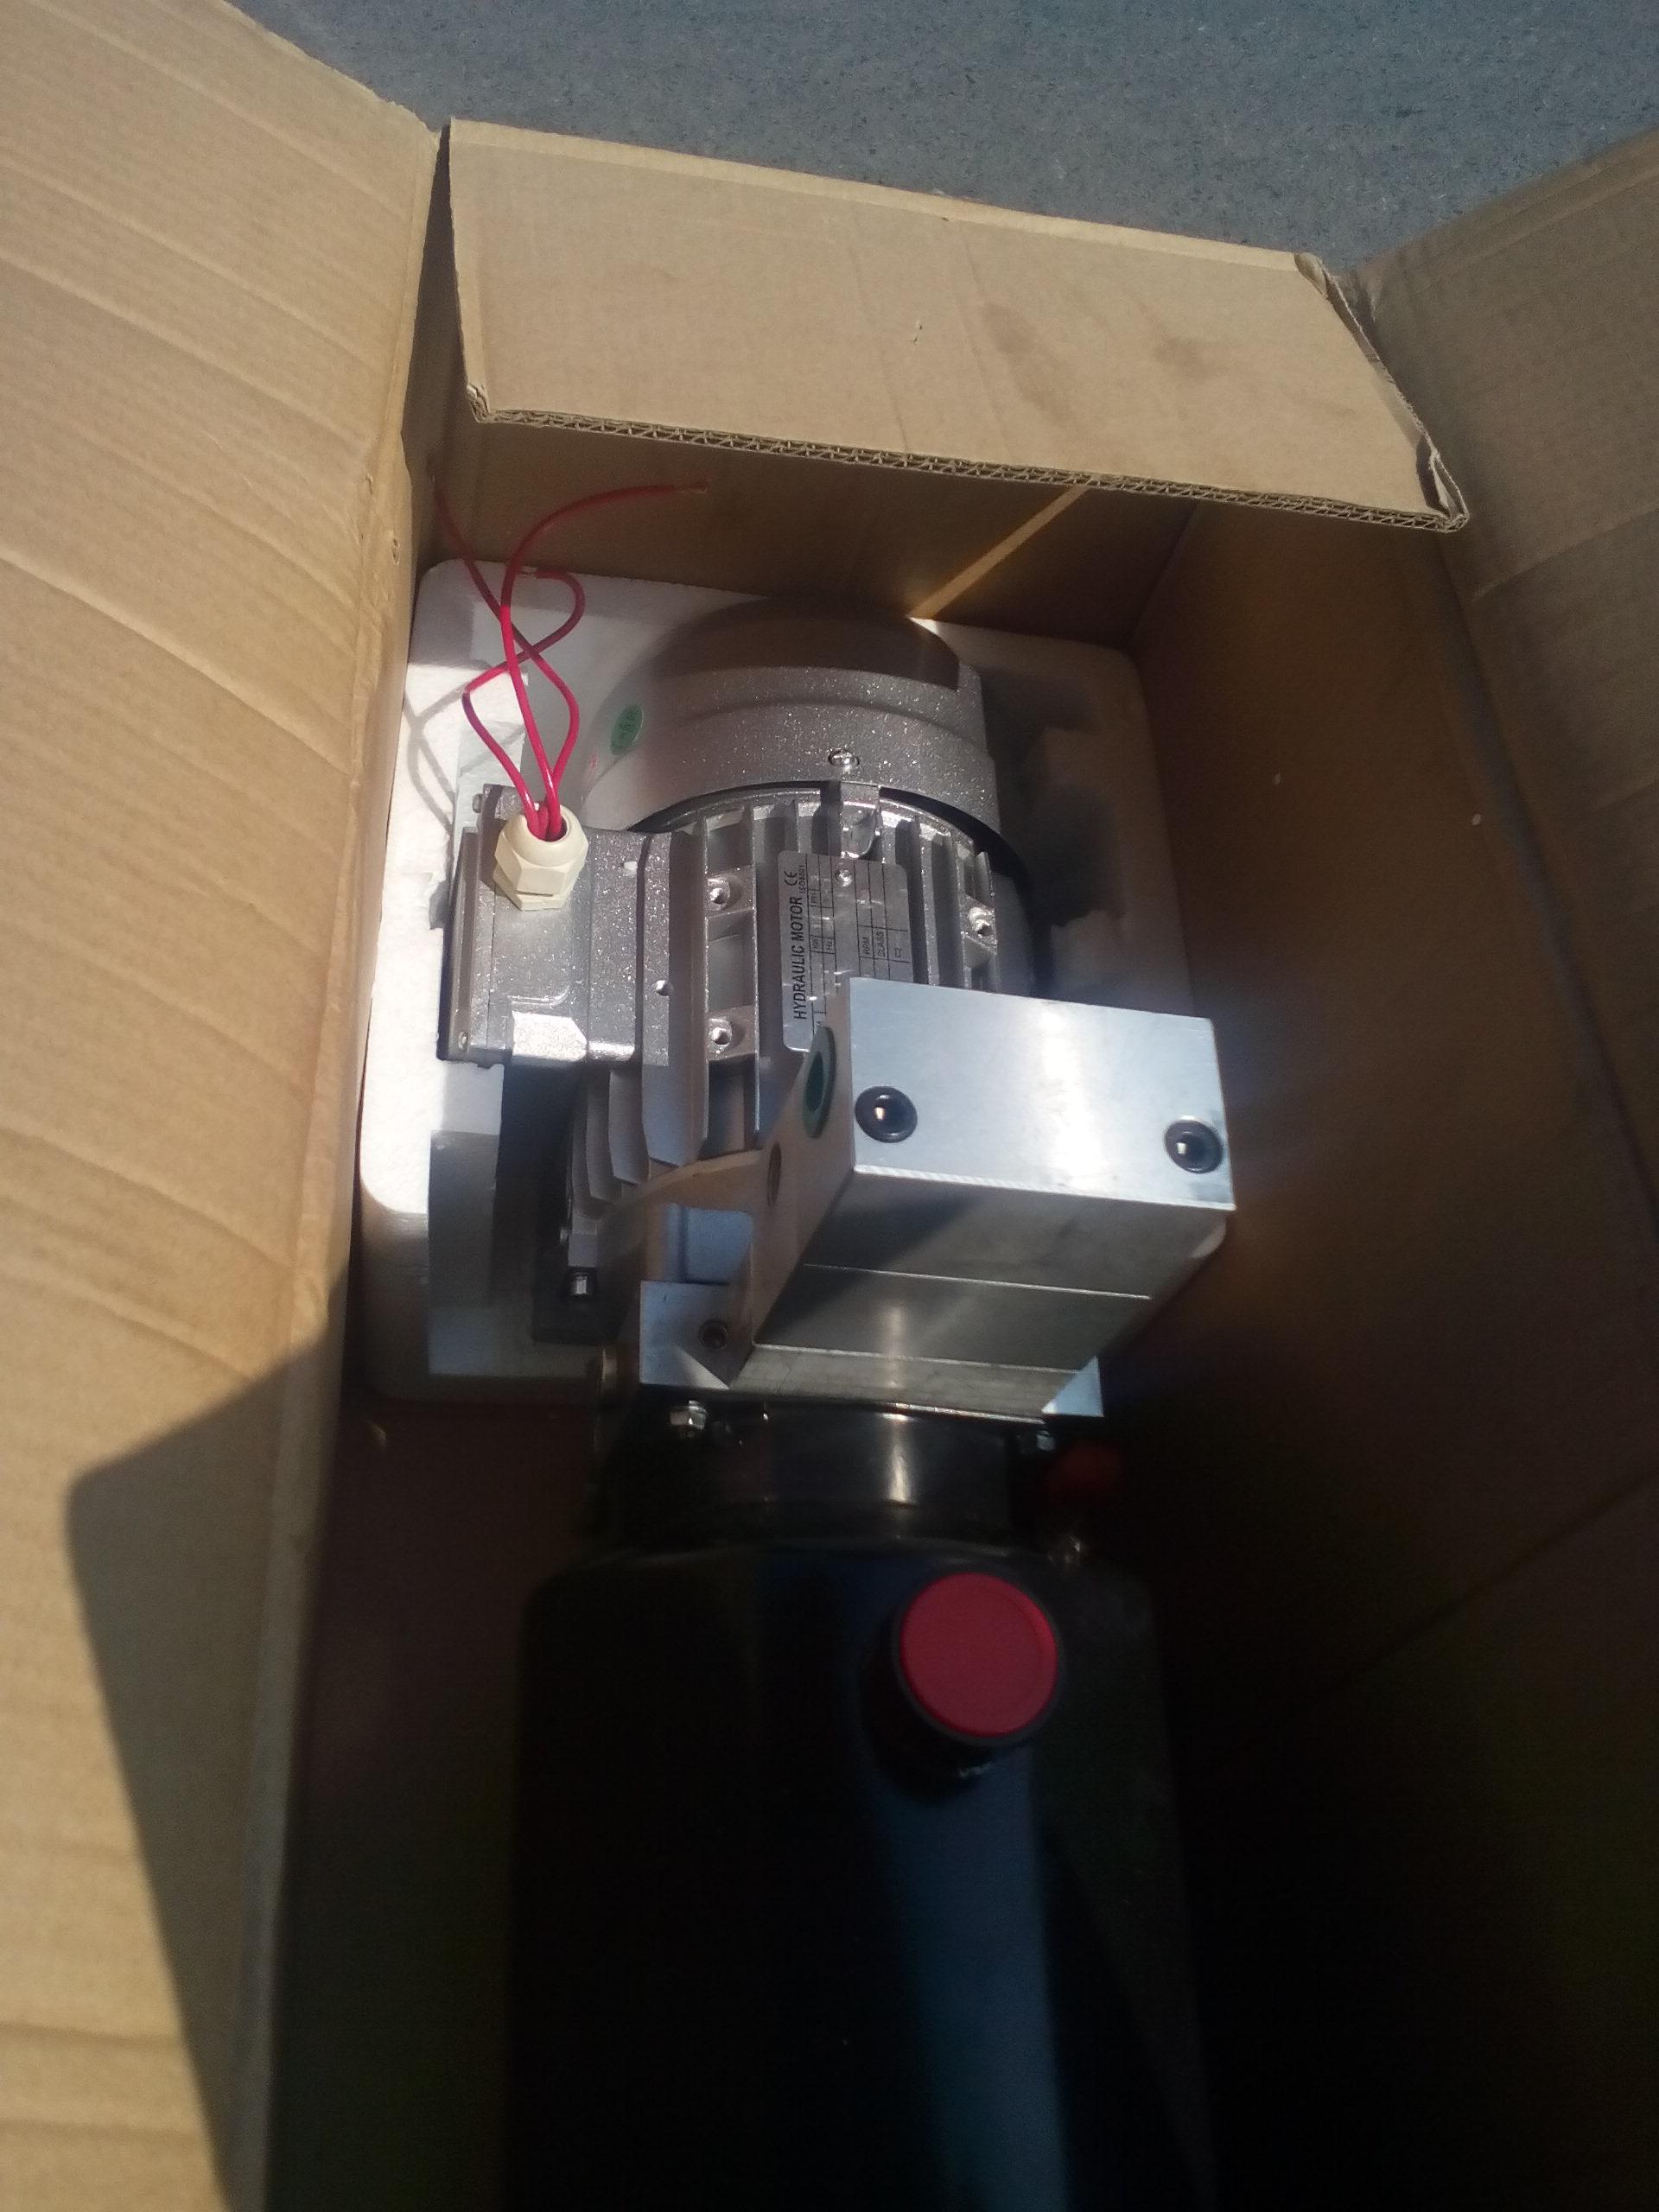 bộ nguồn thủy lực mini điện áp 12v, 24VDC, 220V AC và điện áp 3 pha